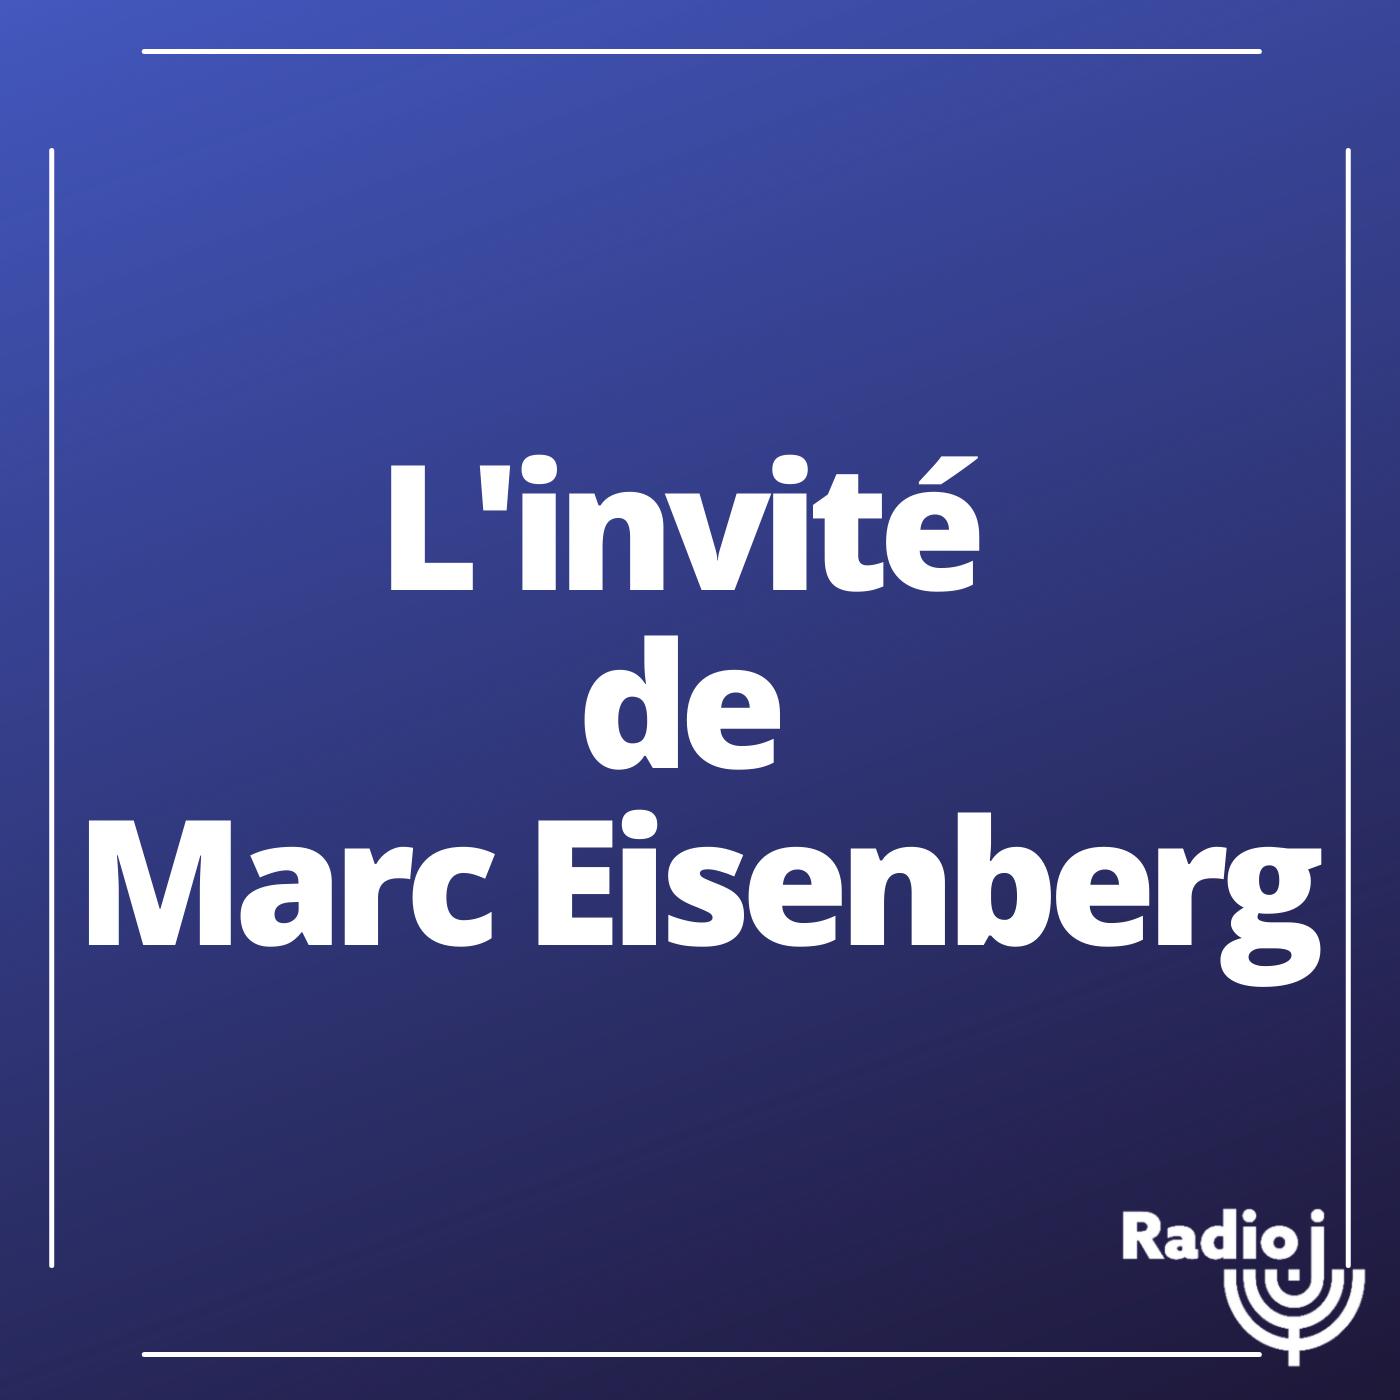 L'invité de Marc Eisenberg